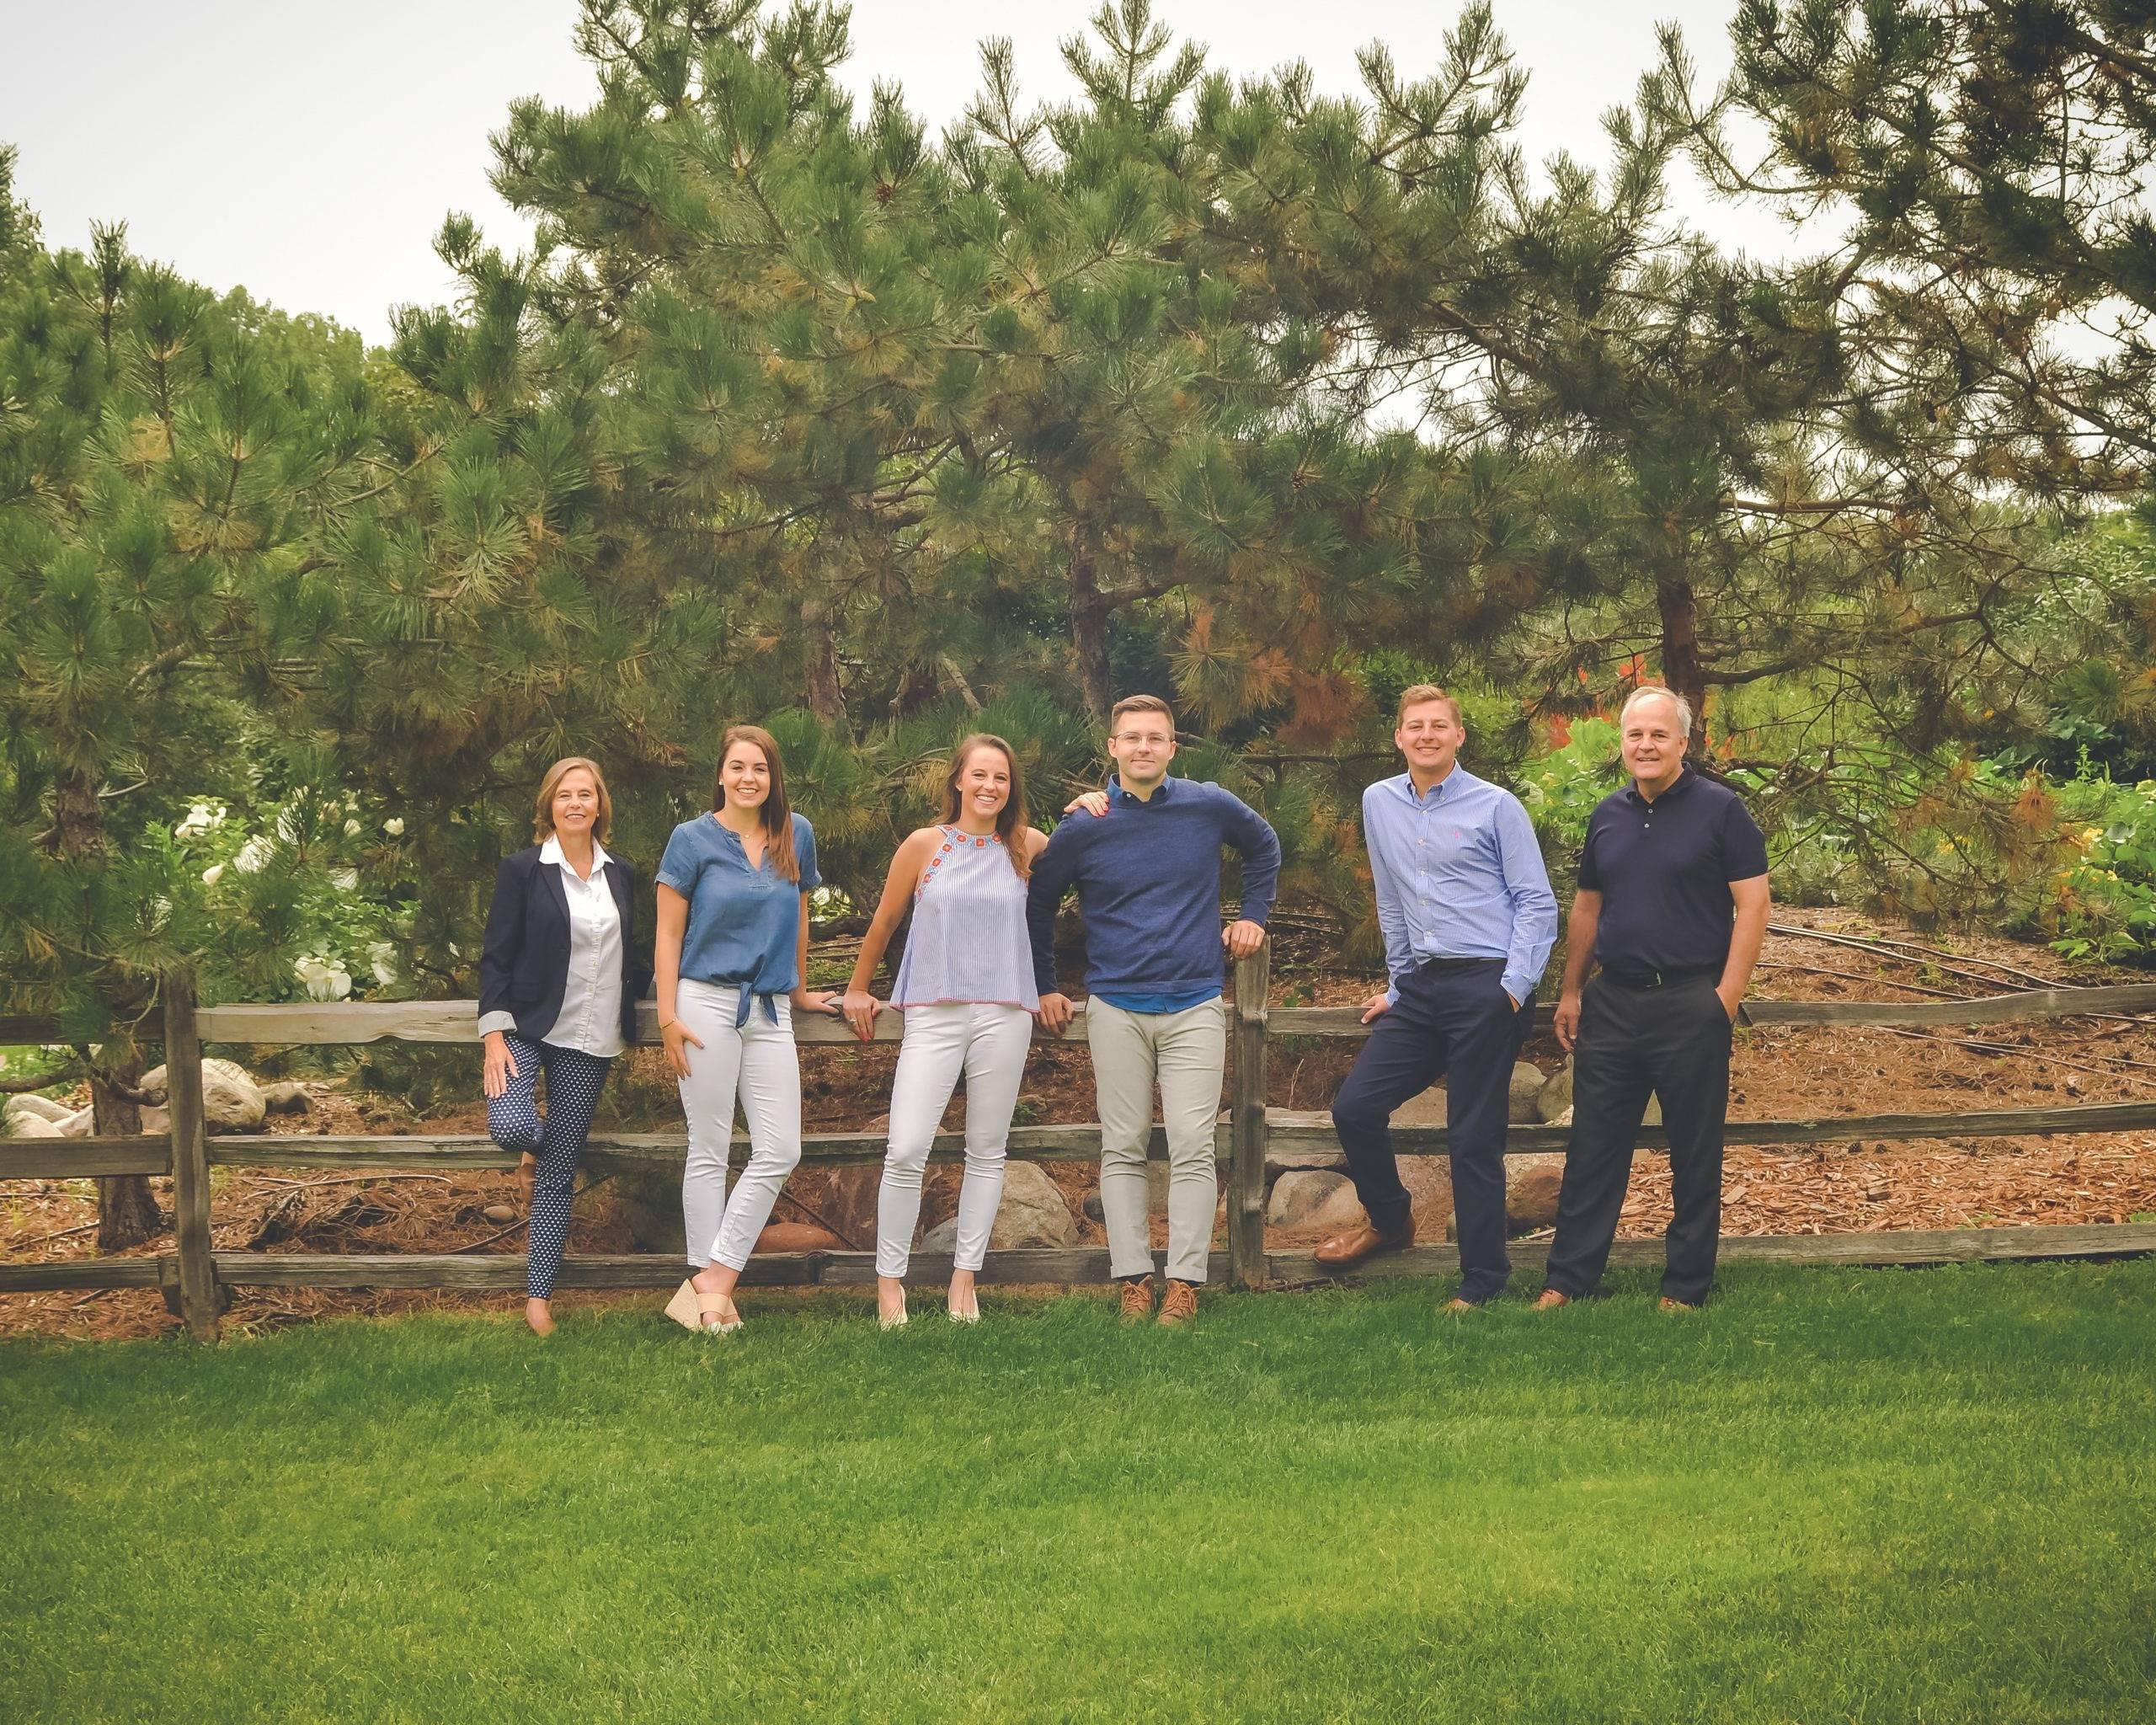 Family Photography, Roseville Minnesota